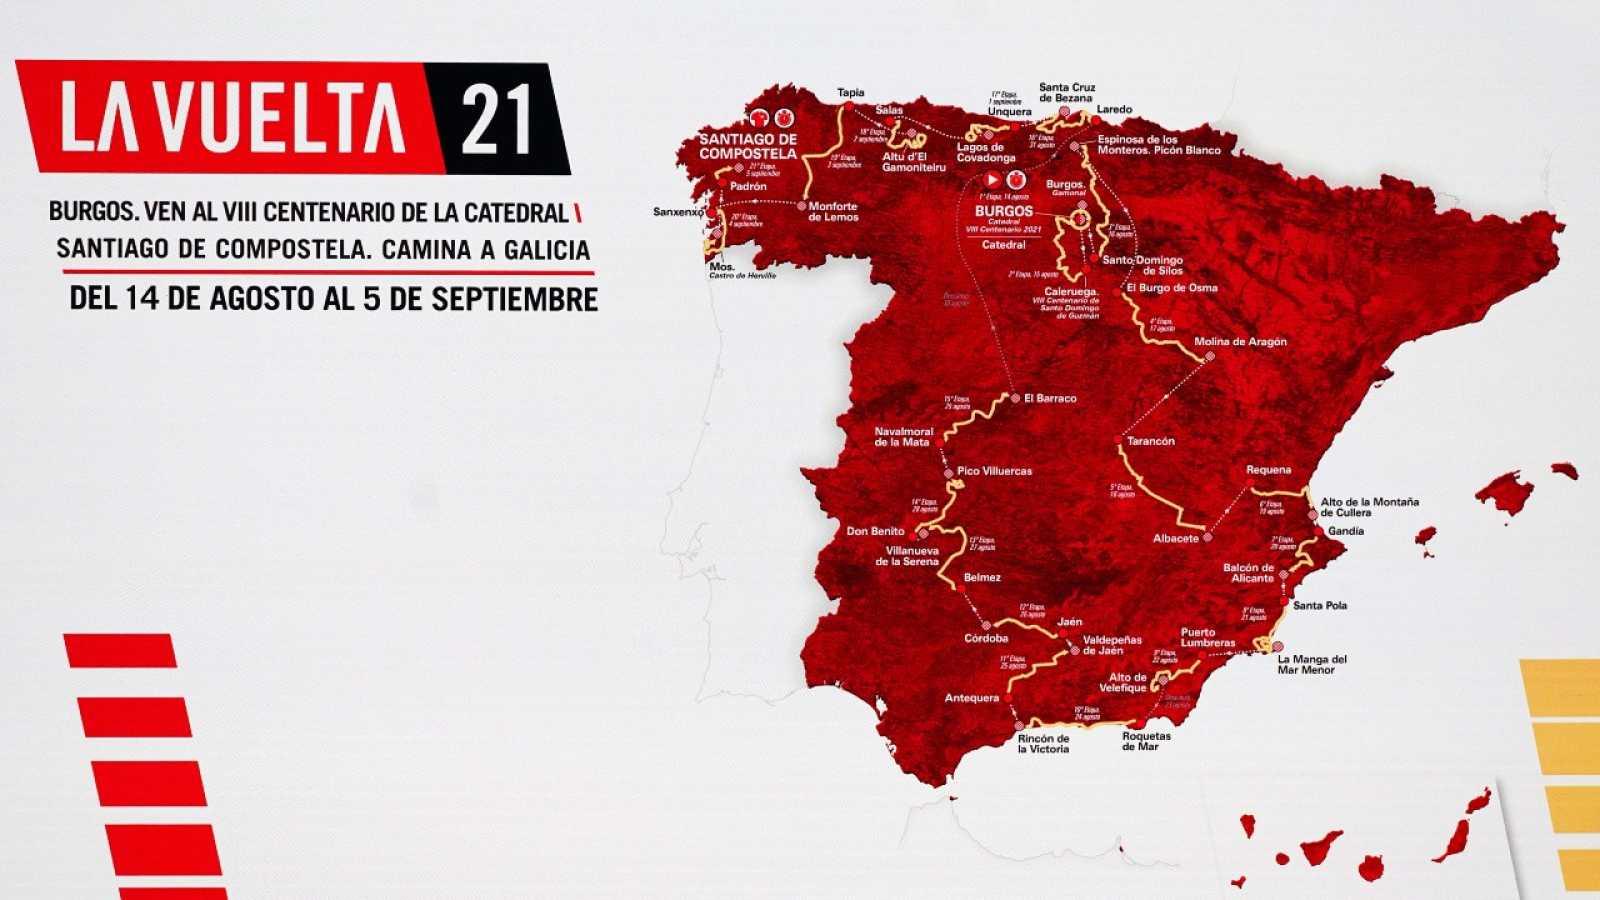 La Vuelta 2021, de Burgos a Santiago de Compostela